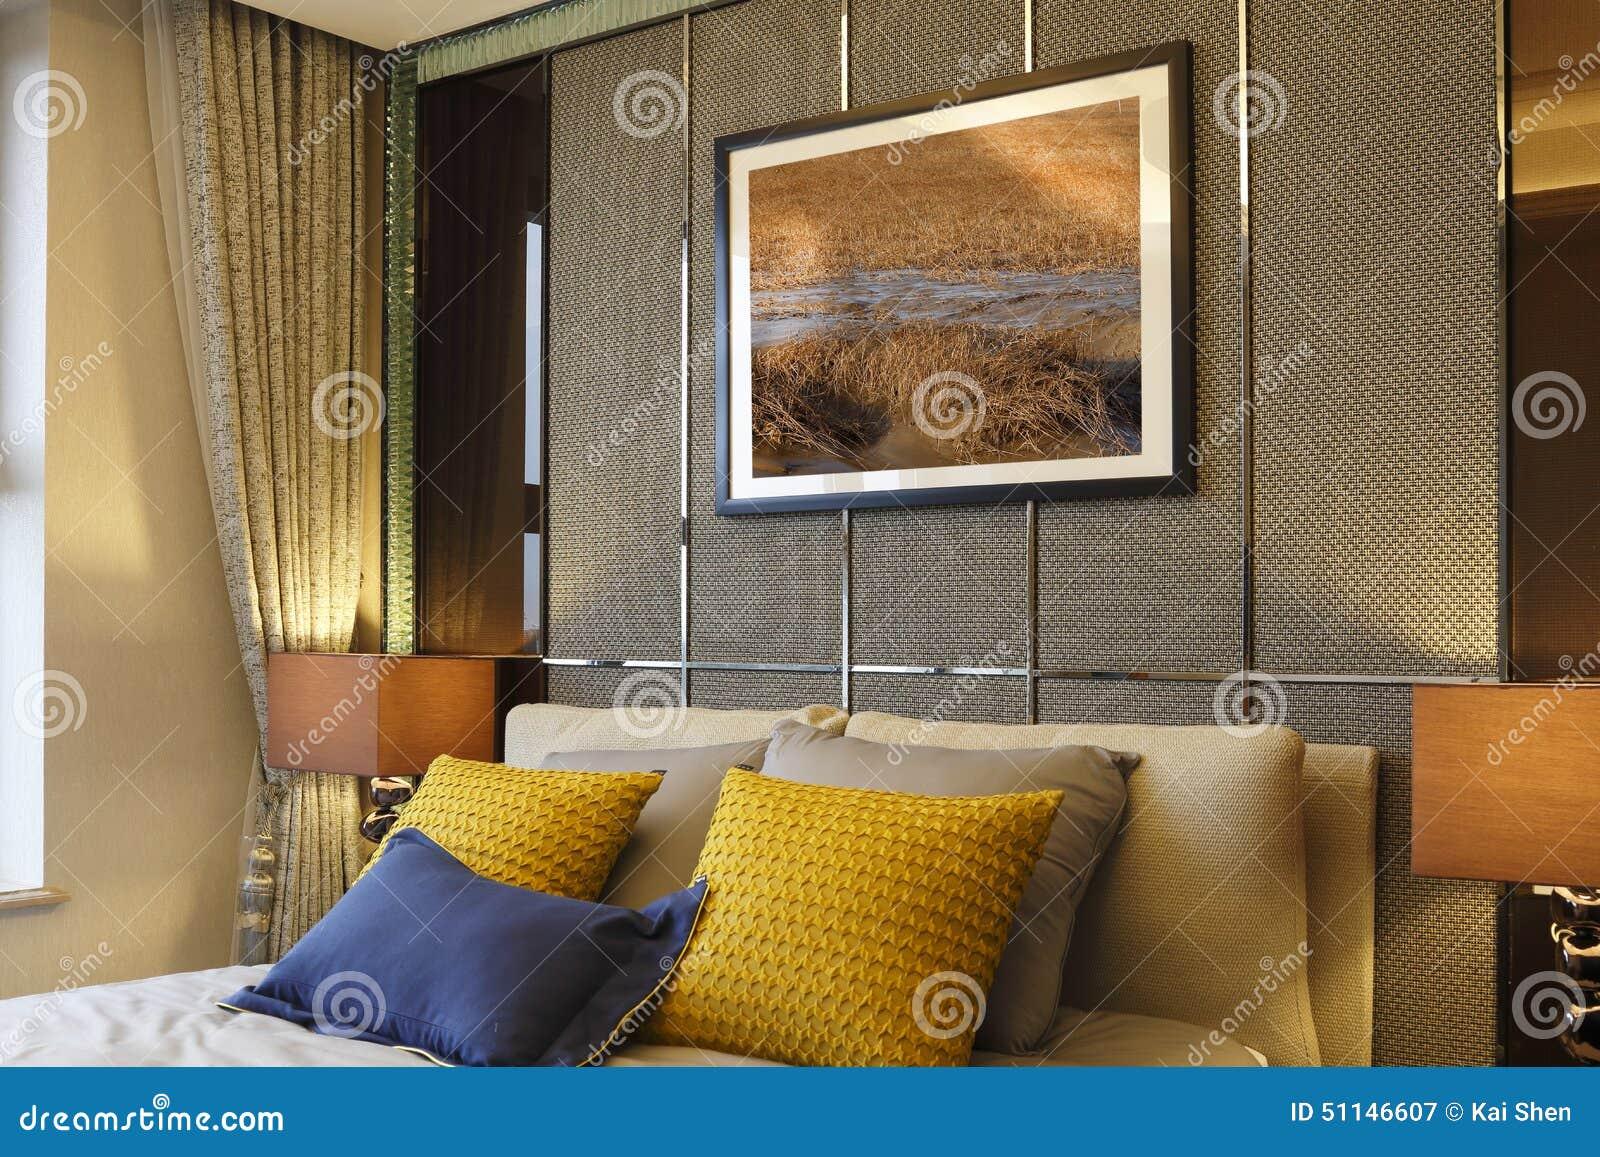 La parete della camera da letto delle pitture dei cuscini e delle tende immagine stock - I segreti della camera da letto ...